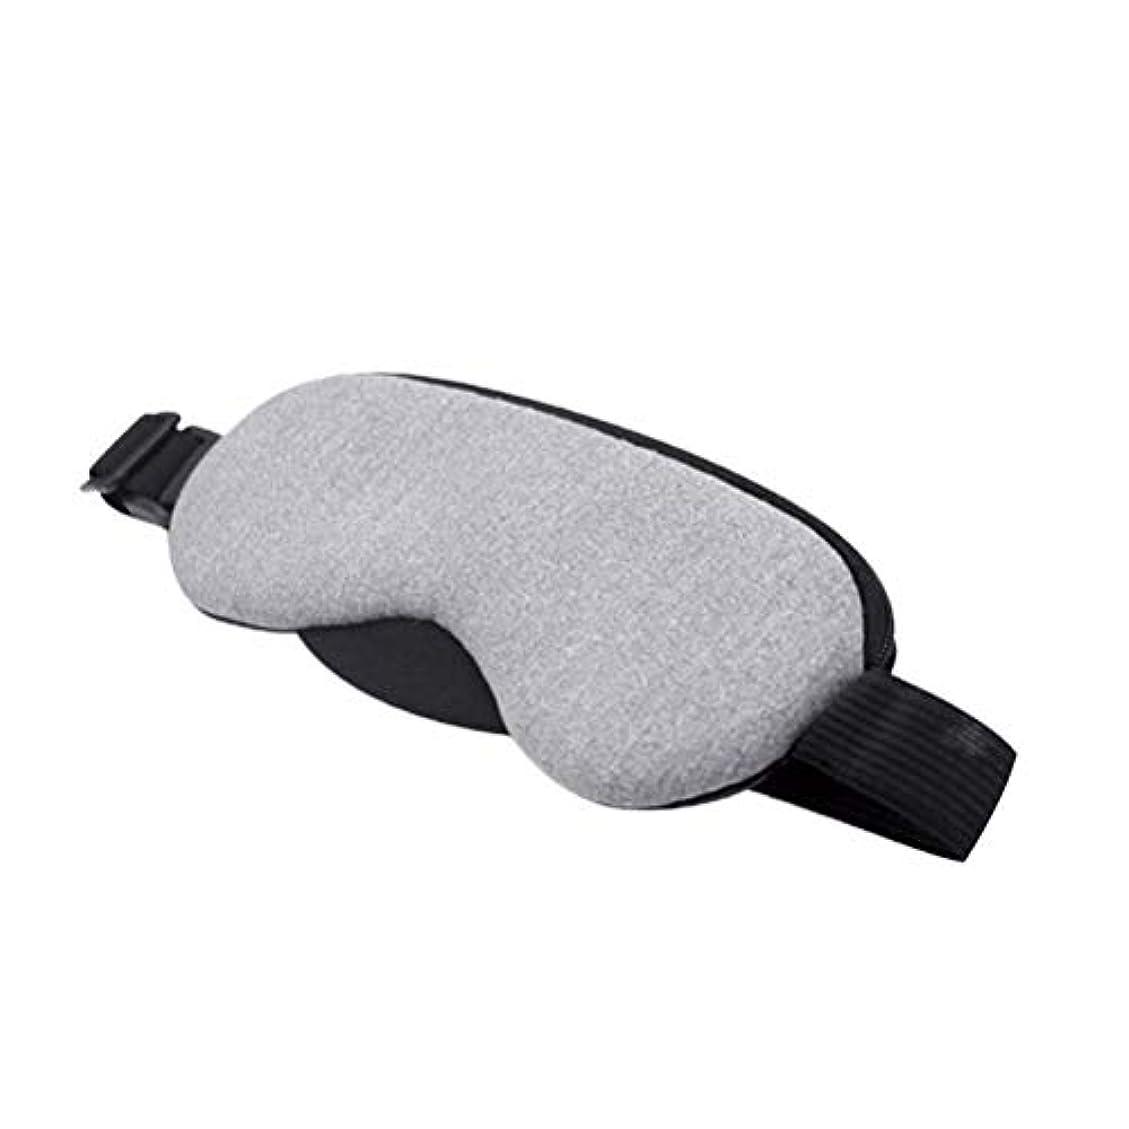 ビデオ進行中不器用Healifty アイマスク 蒸気ホットアイマスク USB 加熱式 スリーピングアイマスク 温度とタイミング制御 吹き出物/乾燥/疲れた目(灰色)